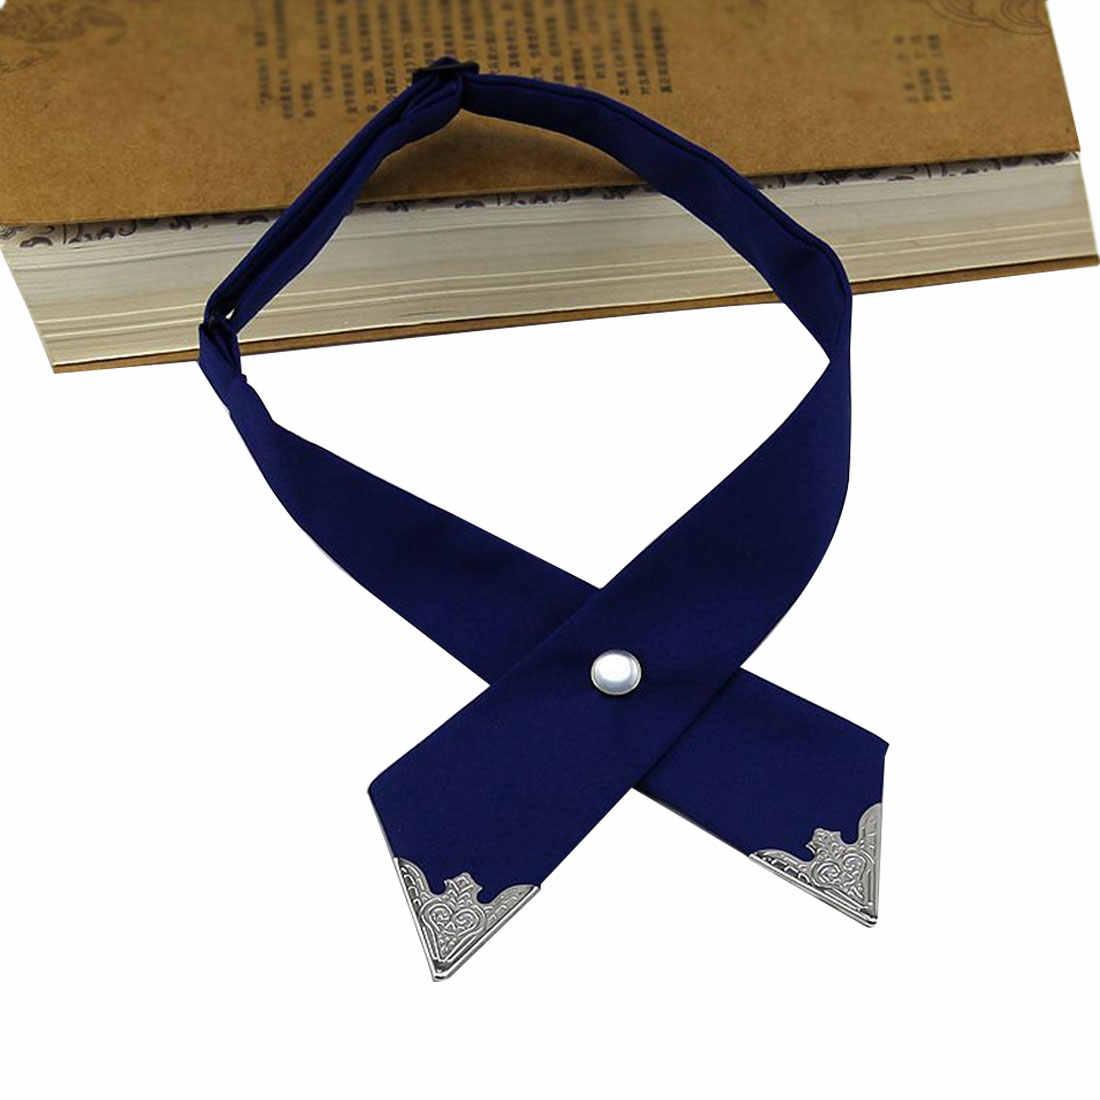 Очаровательные галстуки с перекрестными бантиками для мужчин и женщин, однотонные, деловые, повседневные, крестообразные, формальные, мужские, свадебные, с металлическим воротником, с бантом